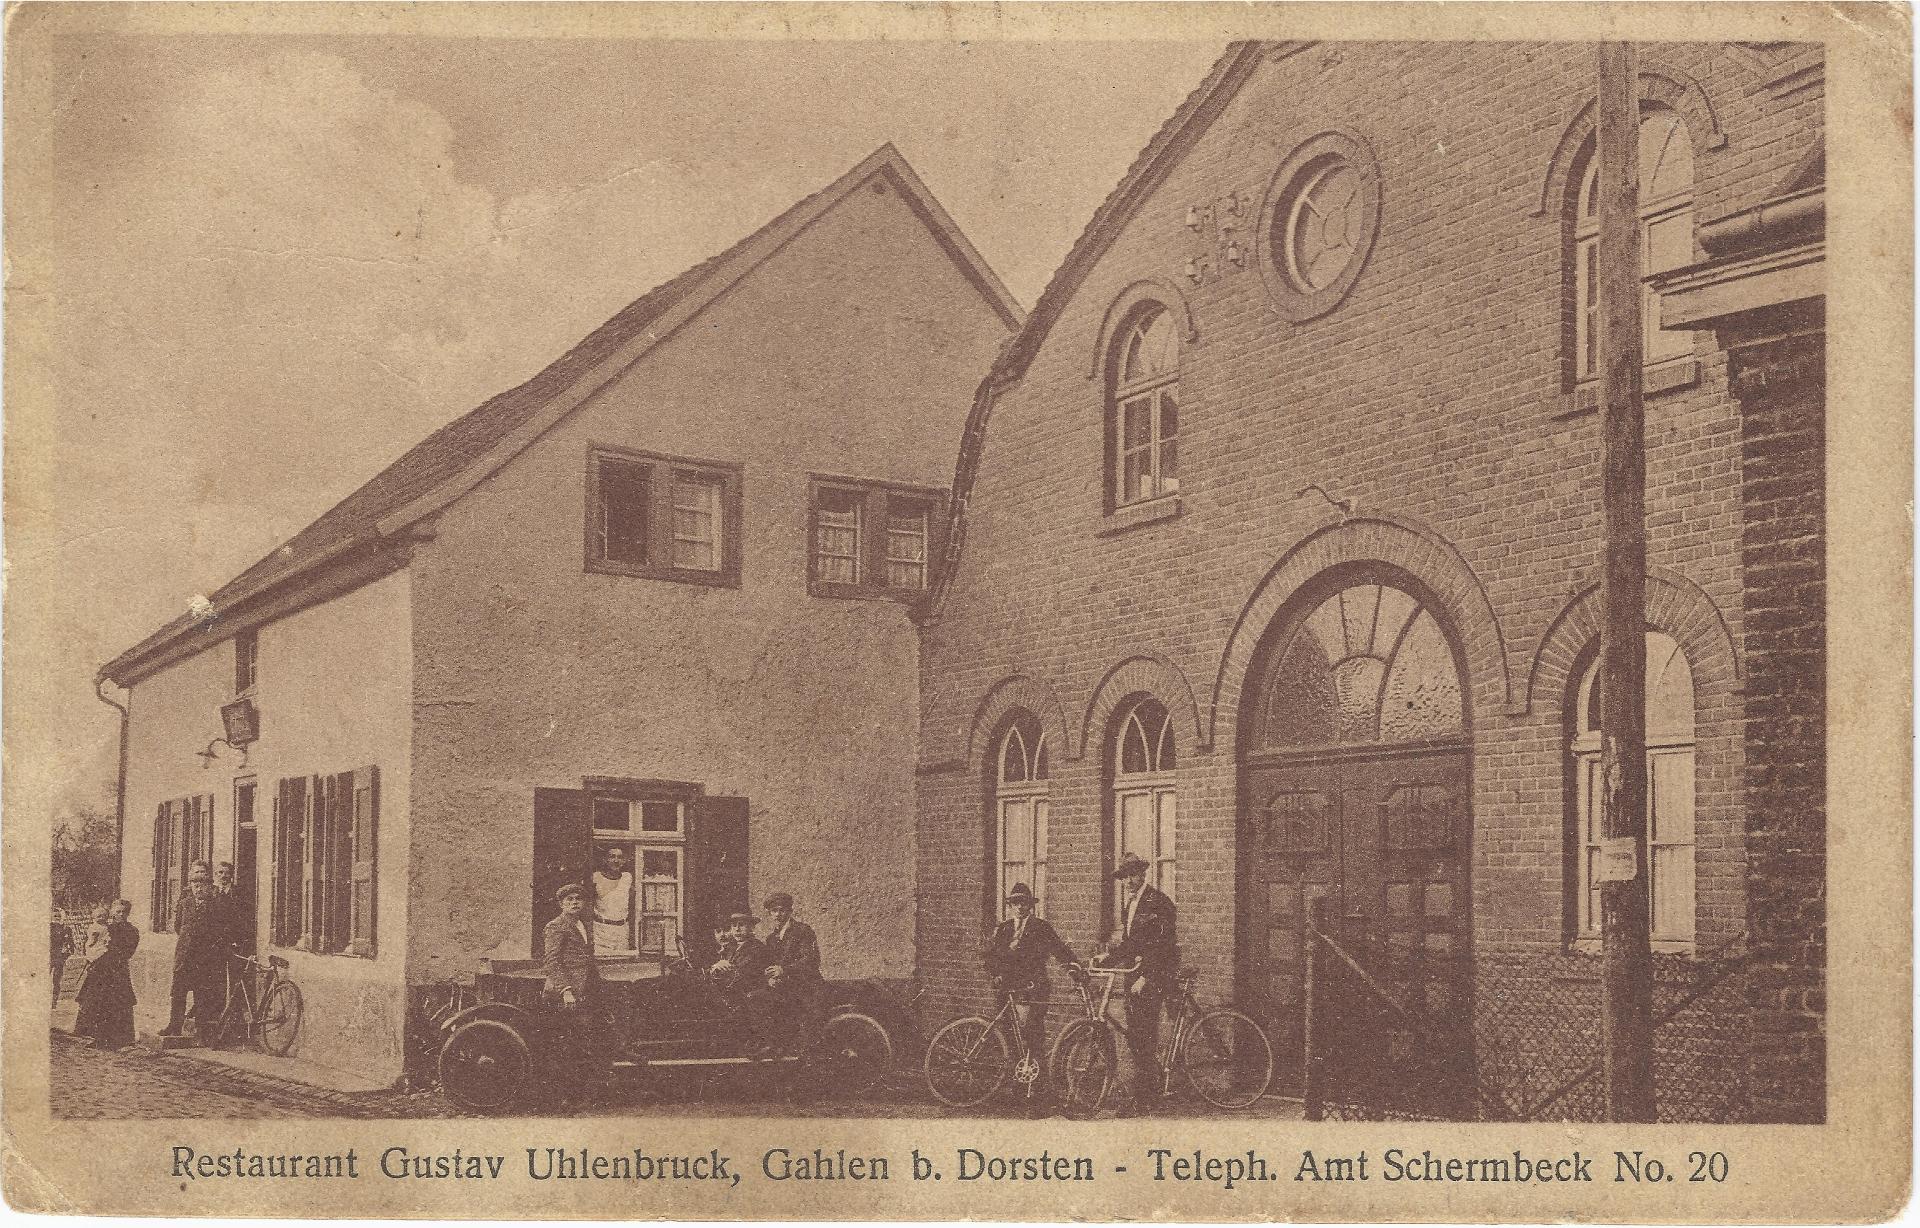 Postkarte aus dem Jahr 1927